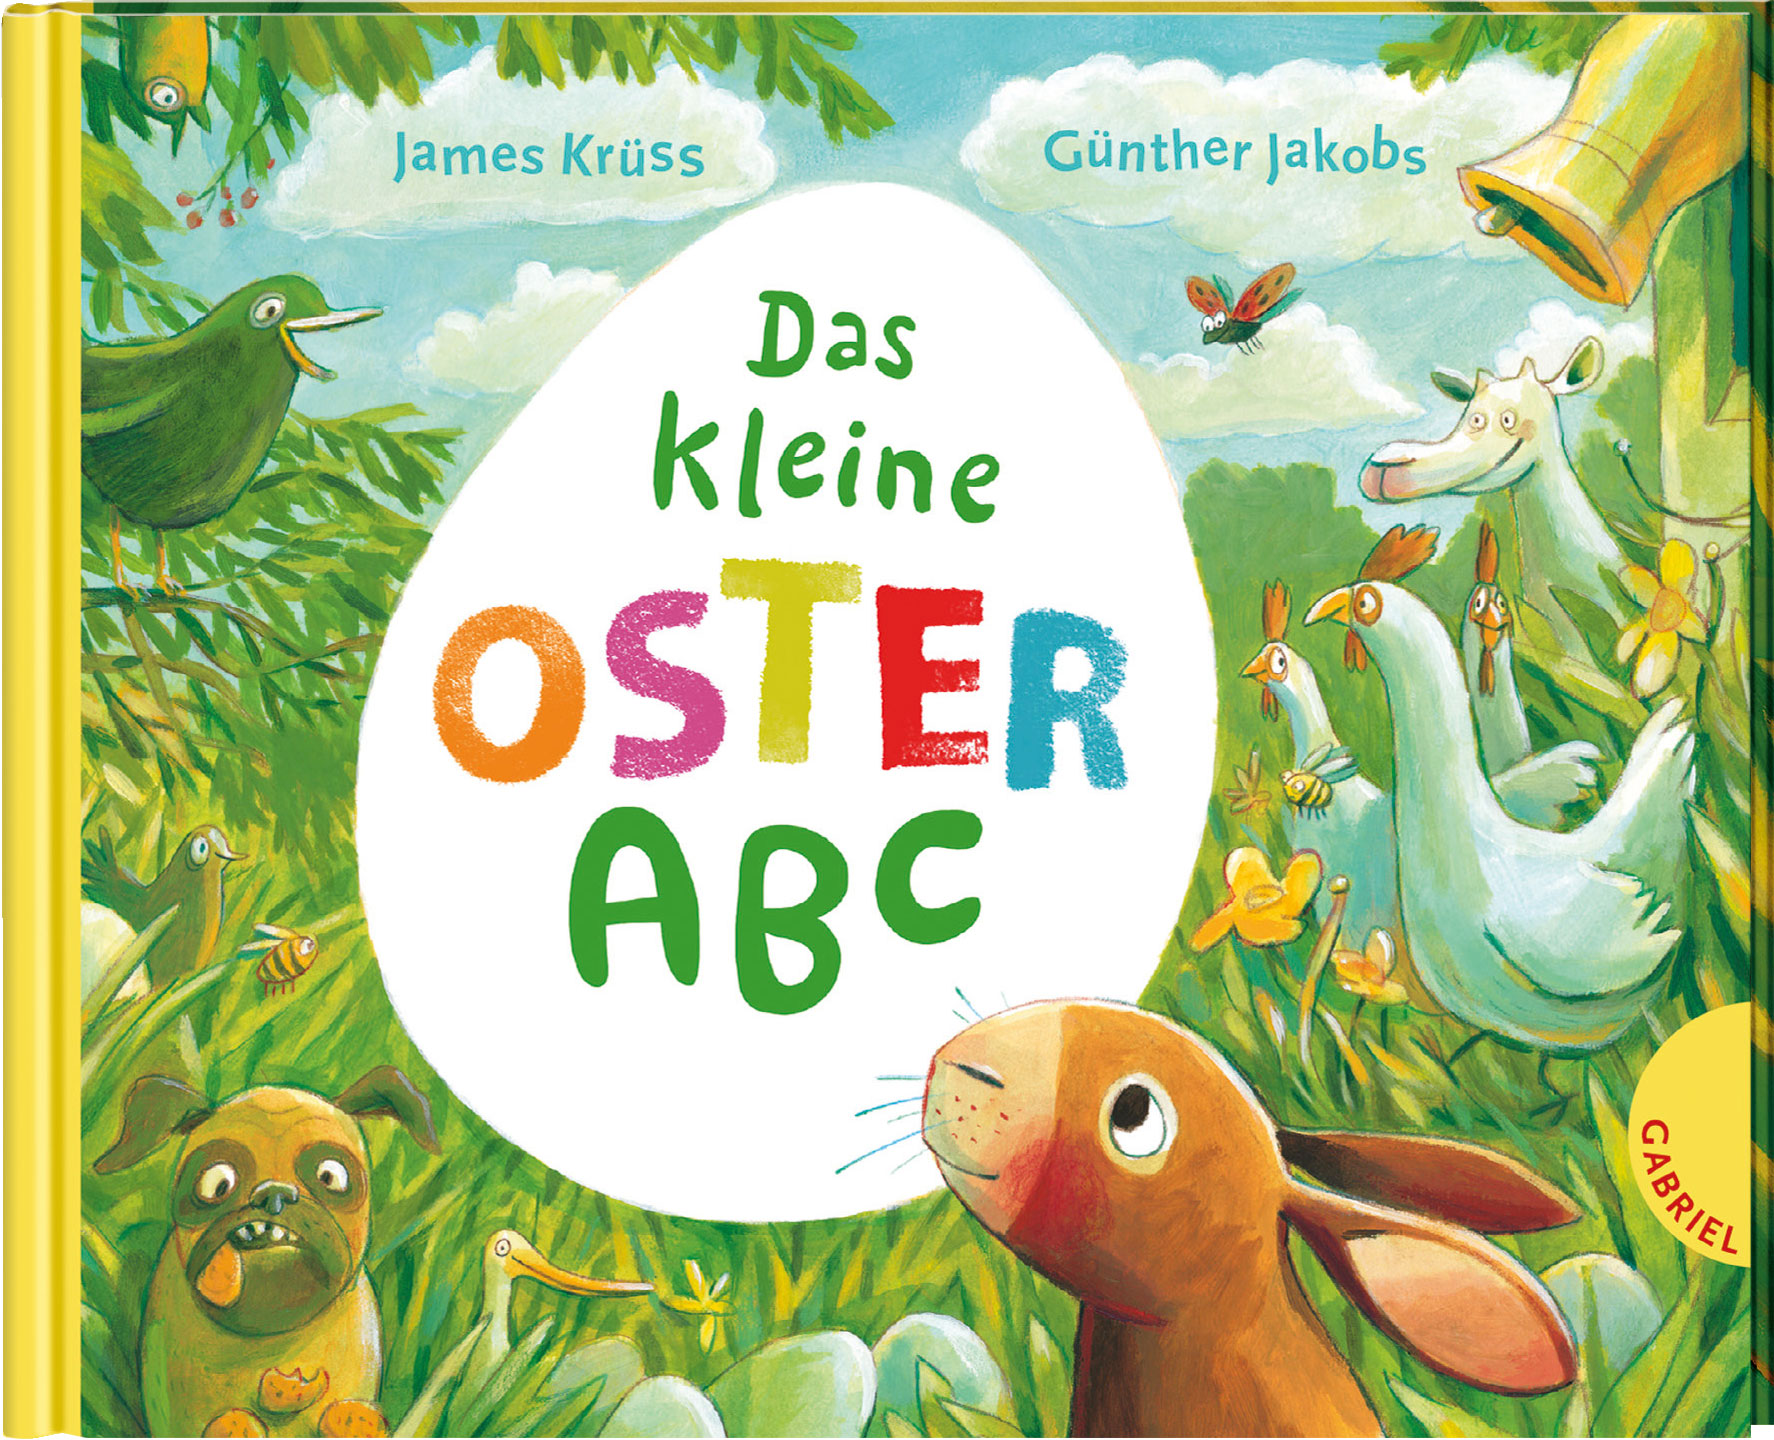 »DAS KLEINE OSTER-ABC« — GABRIEL